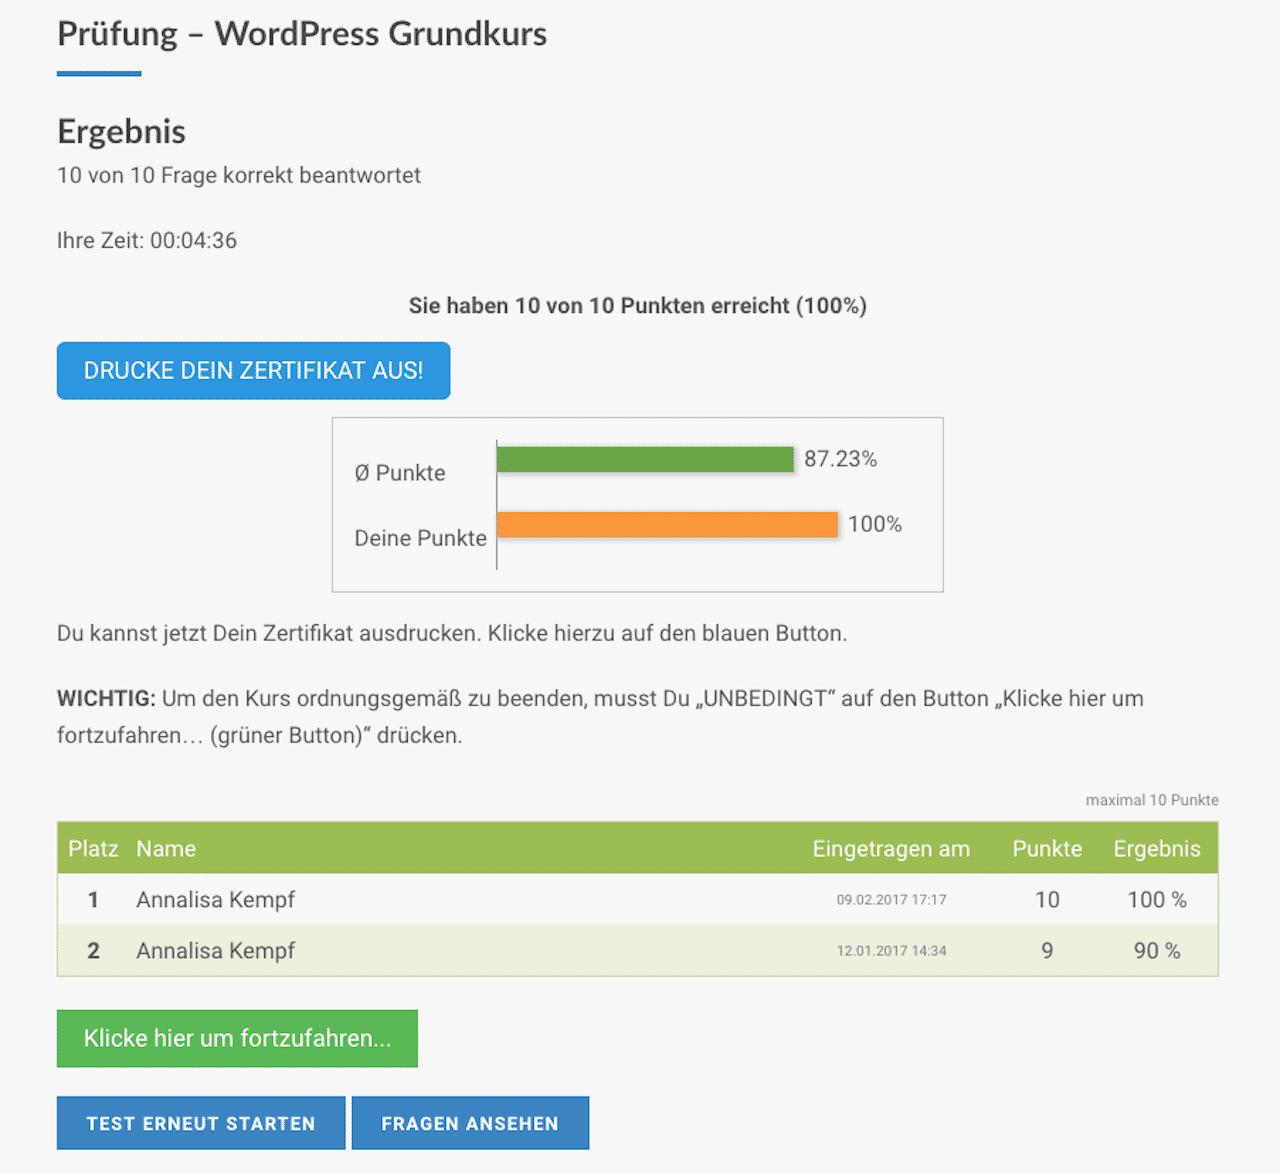 WP Akademie Master Coaching von Werner Langfritz Prüfung Ergebnis